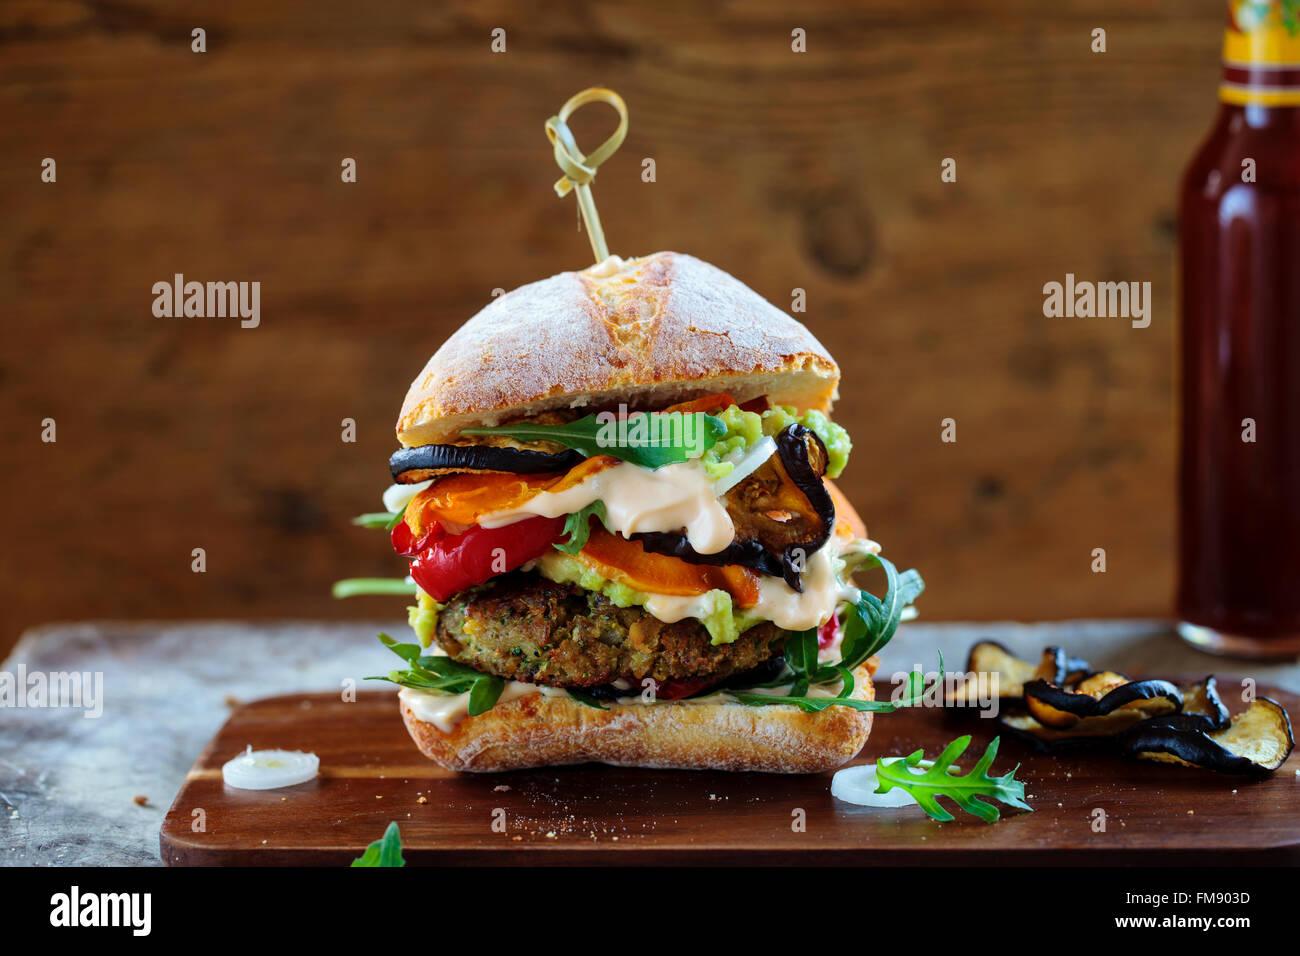 Vegetarische Burger gemacht aus Champignons, Kichererbsen und Brokkoli mit gebratenen Paprika, Auberginen, Rucola Stockbild